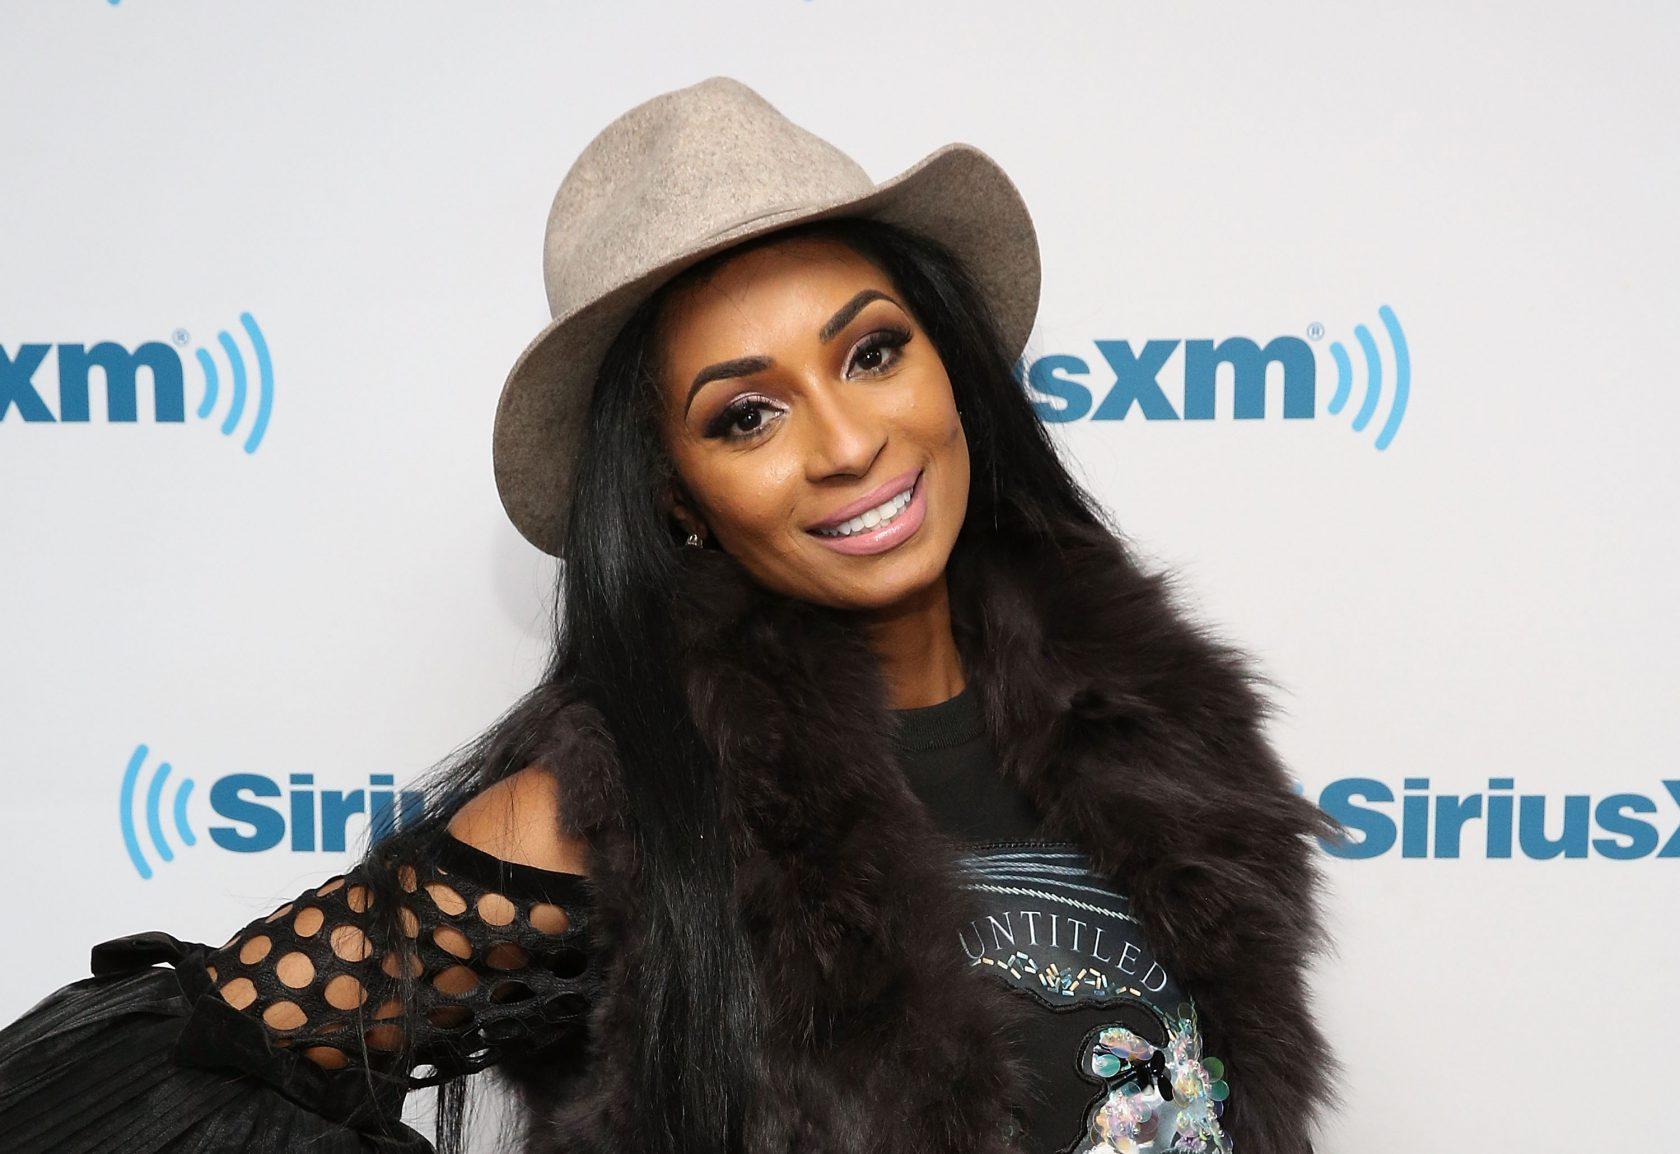 Celebrities Visit SiriusXM - January 10, 2017